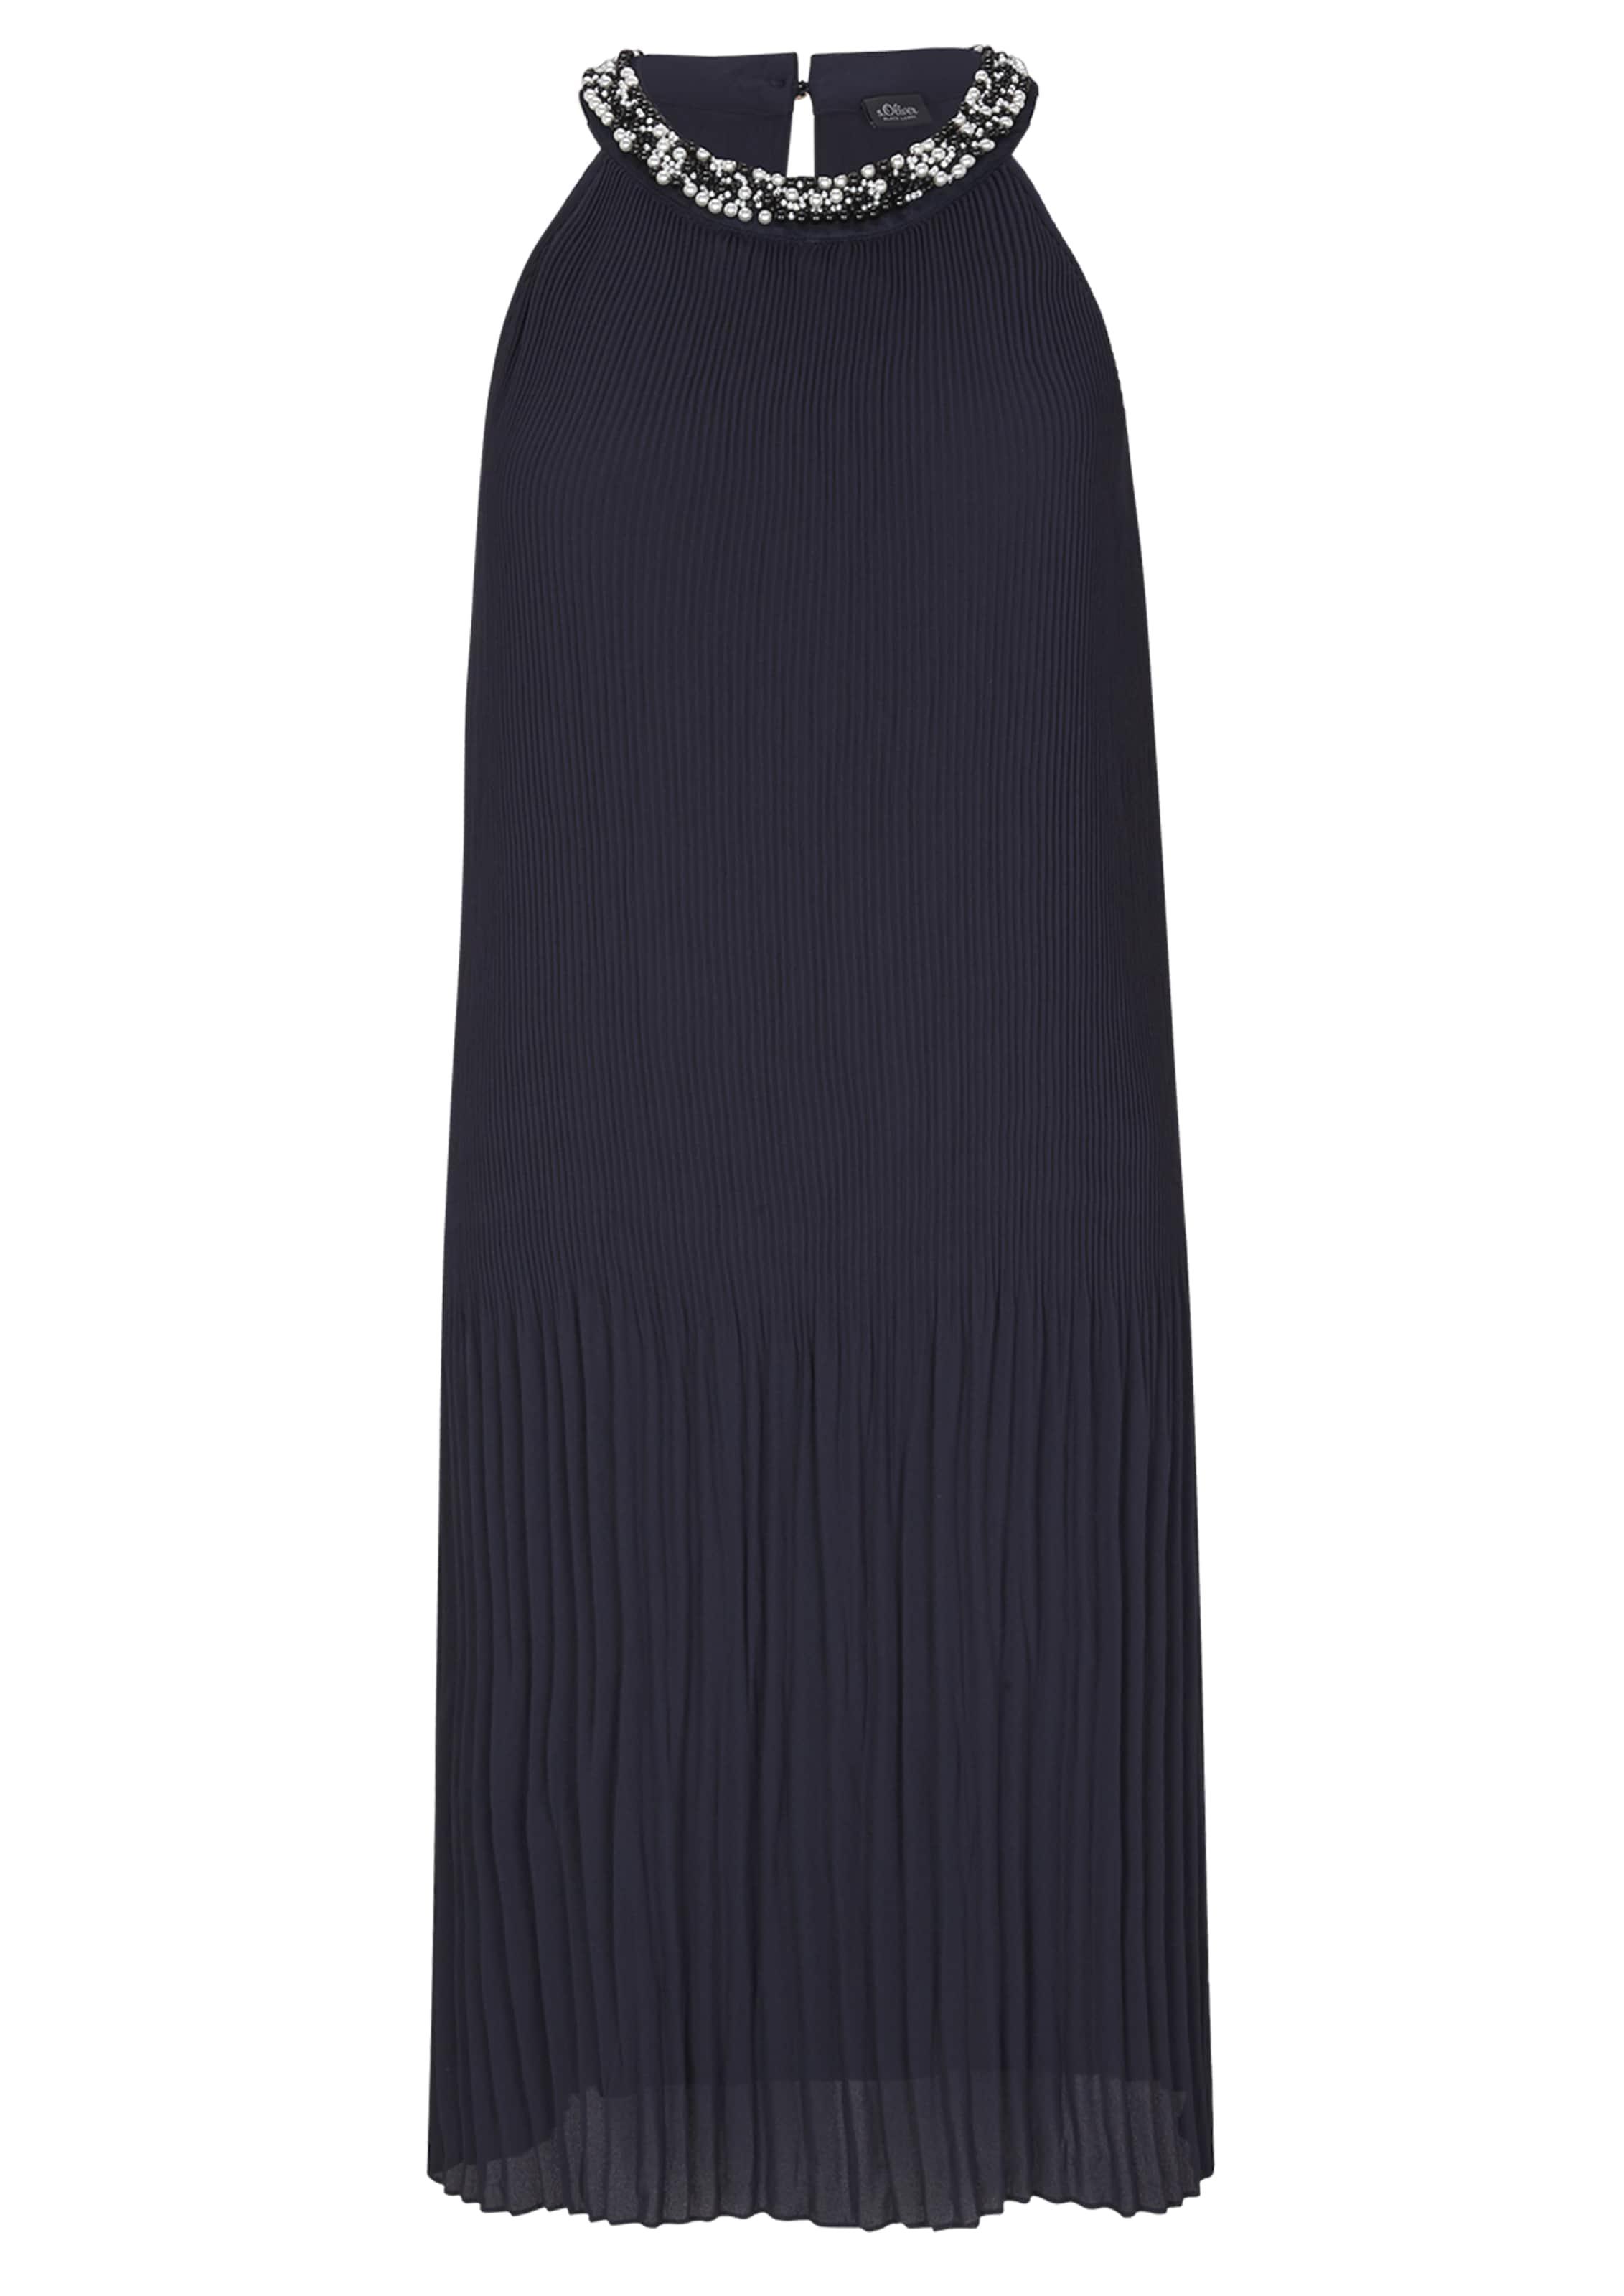 s.Oliver BLACK LABEL Koktélruhák tengerészkék színben